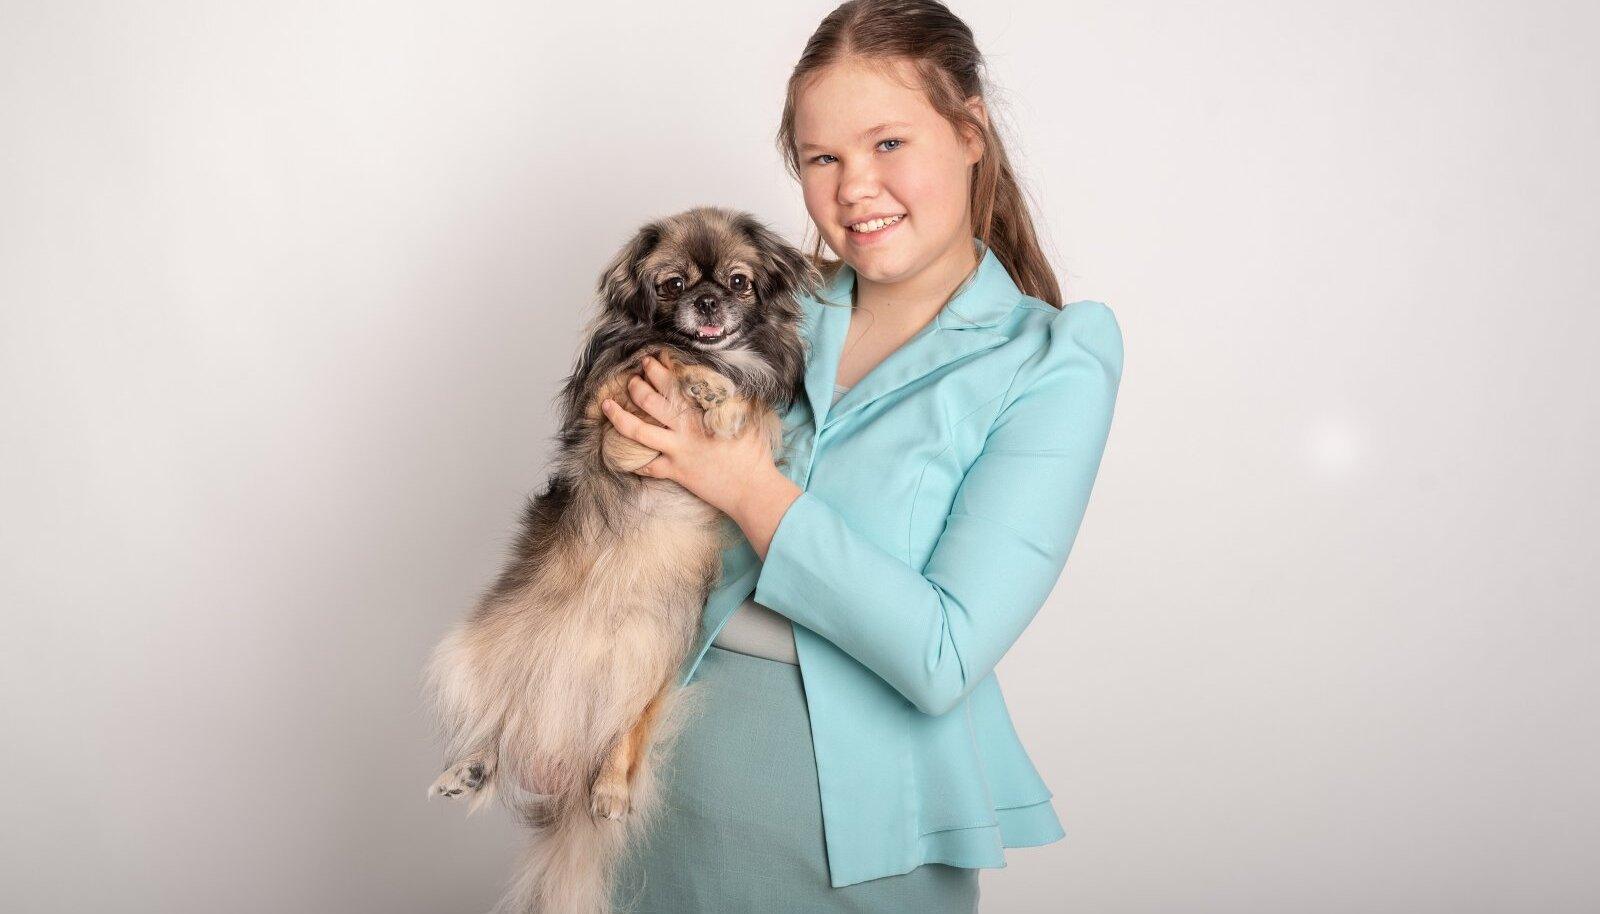 Rosinaga muutusid koertenäitused Marta jaoks oluliseks, sest ta tahtis ta ka oma koerale tiitleid võita.